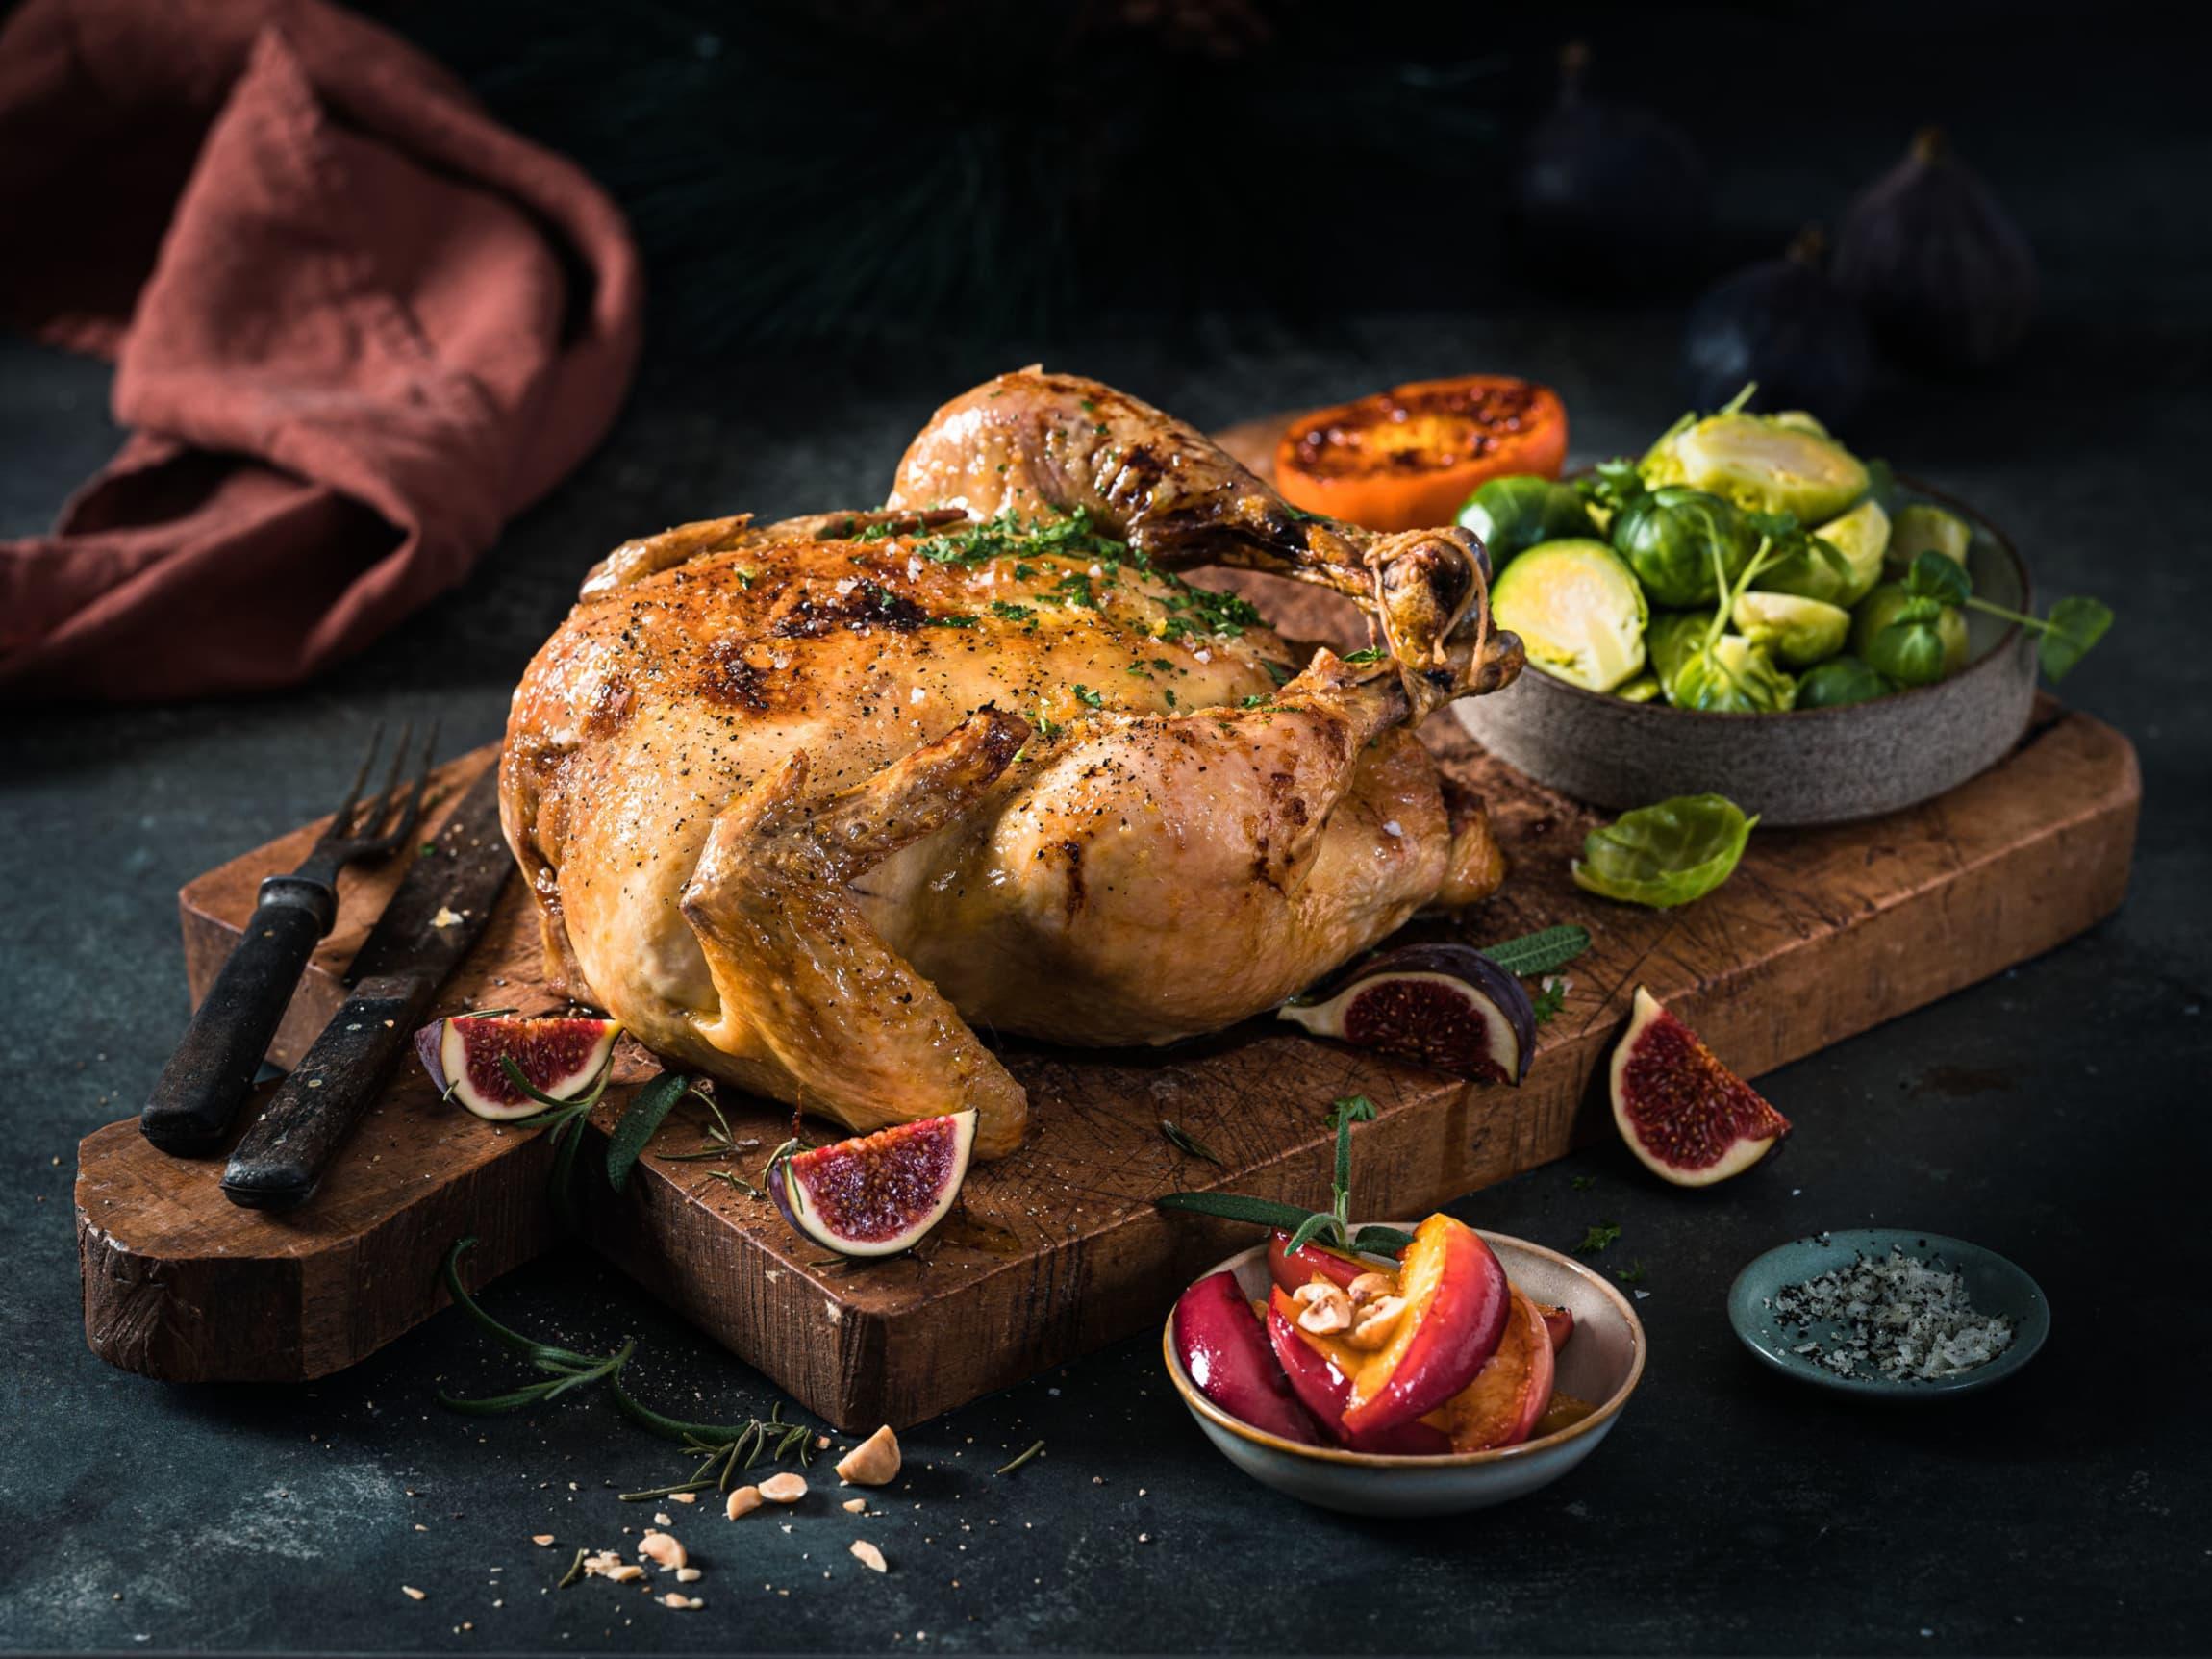 Kylling er et festmåltid! Fyll den med gode sitrusfrukter eller tradisjonell stuffing